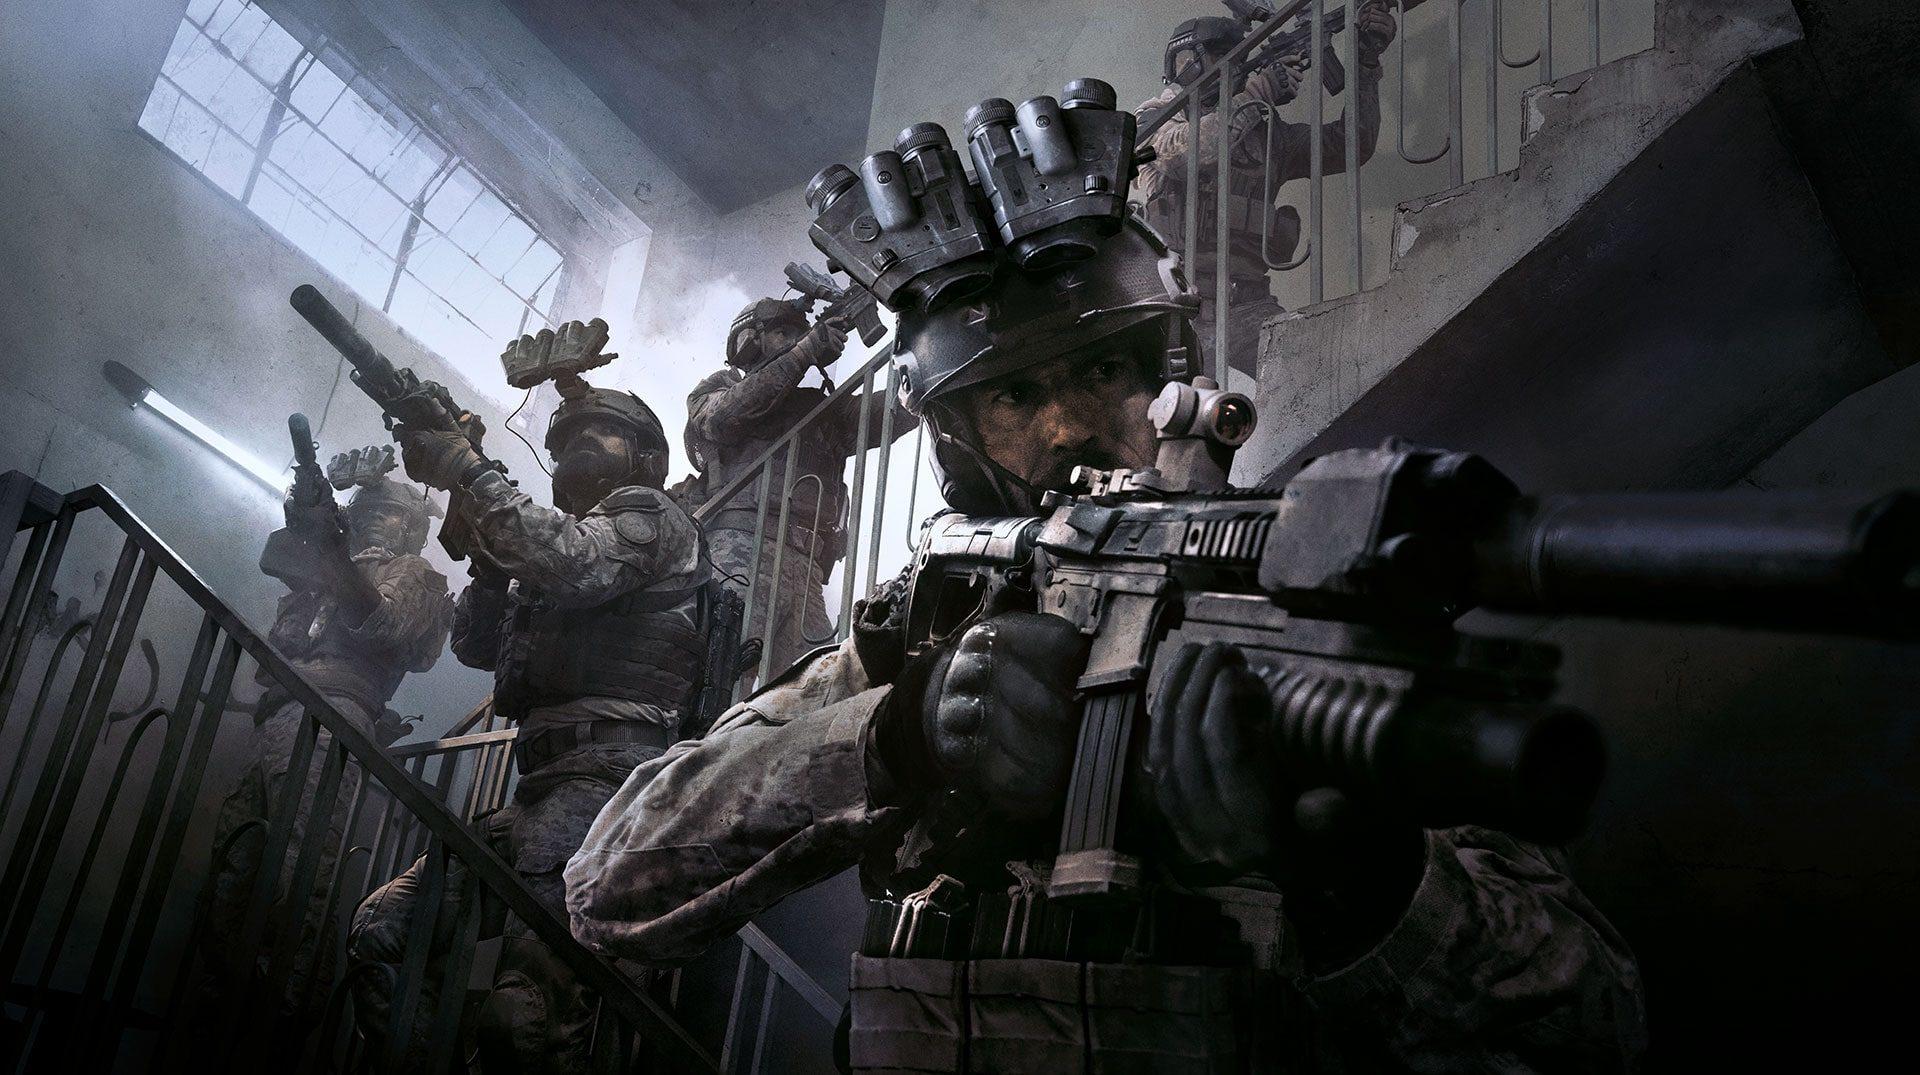 Call of Duty: Modern Warfare muestra un gameplay extenso de su esperado modo multijugador